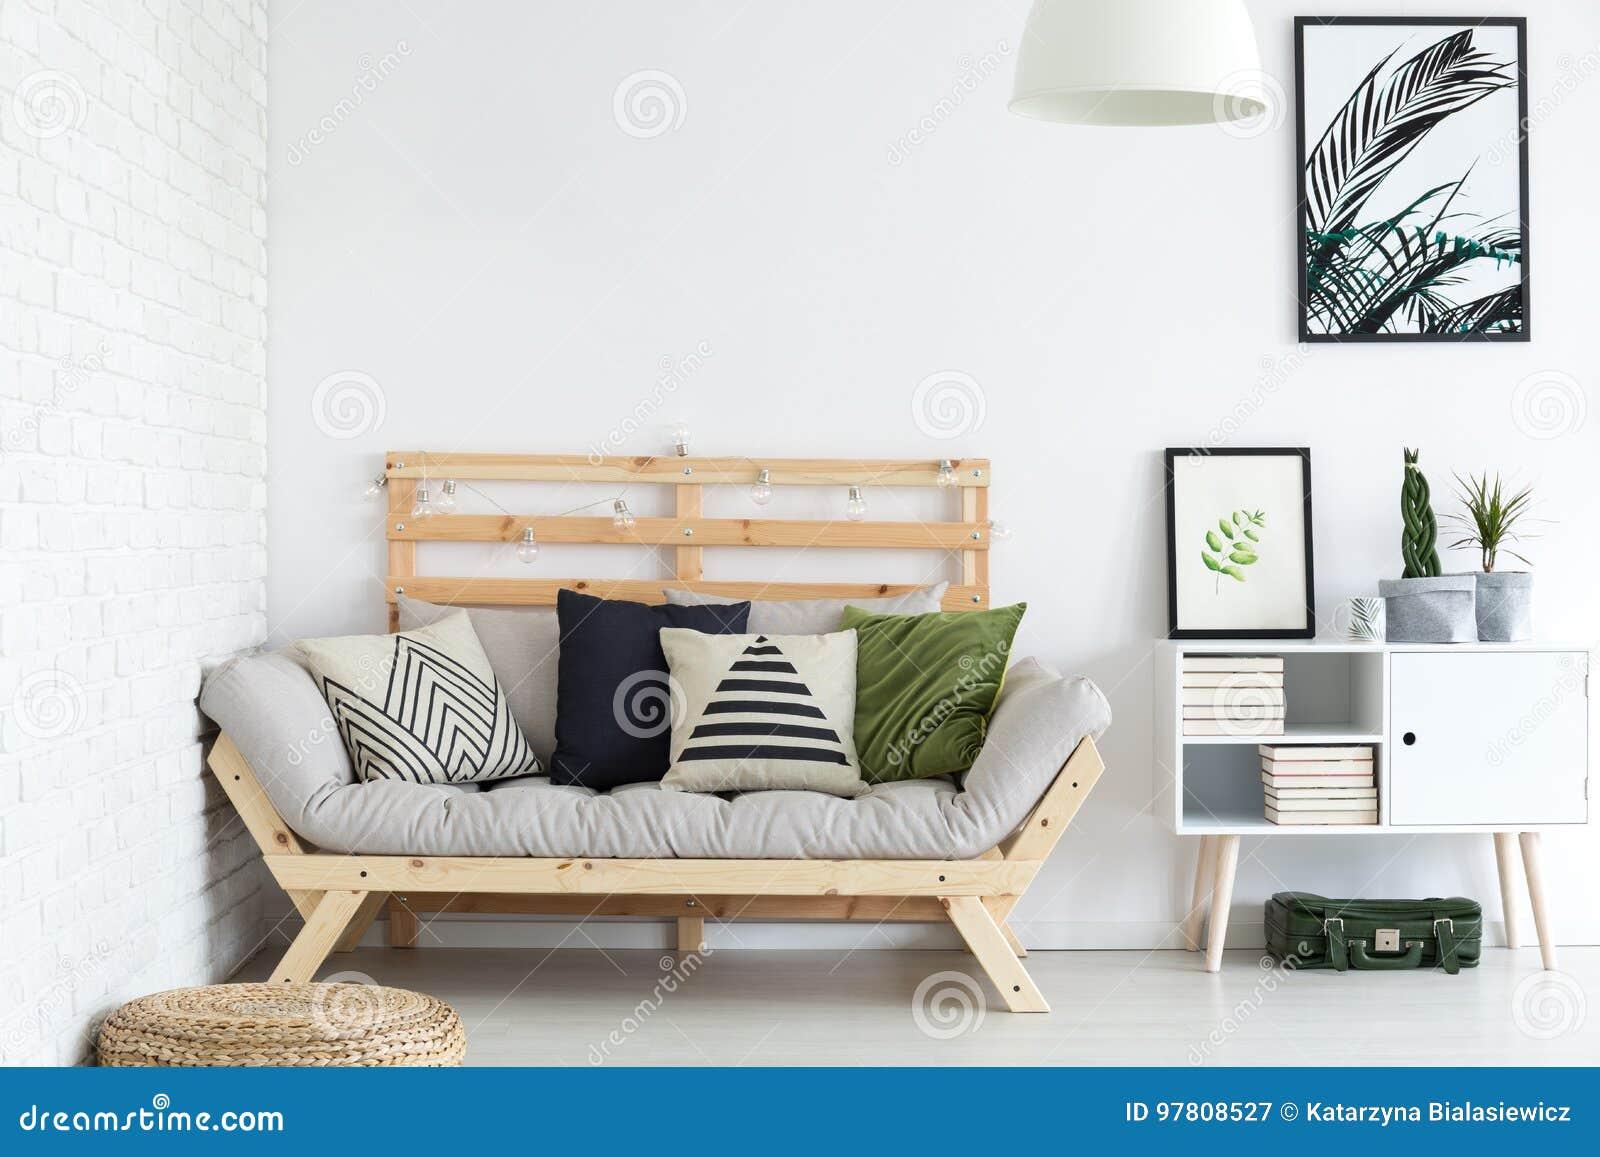 Wohnzimmer-Dekor stockbild. Bild von betriebe, ziegelsteine - 97808527